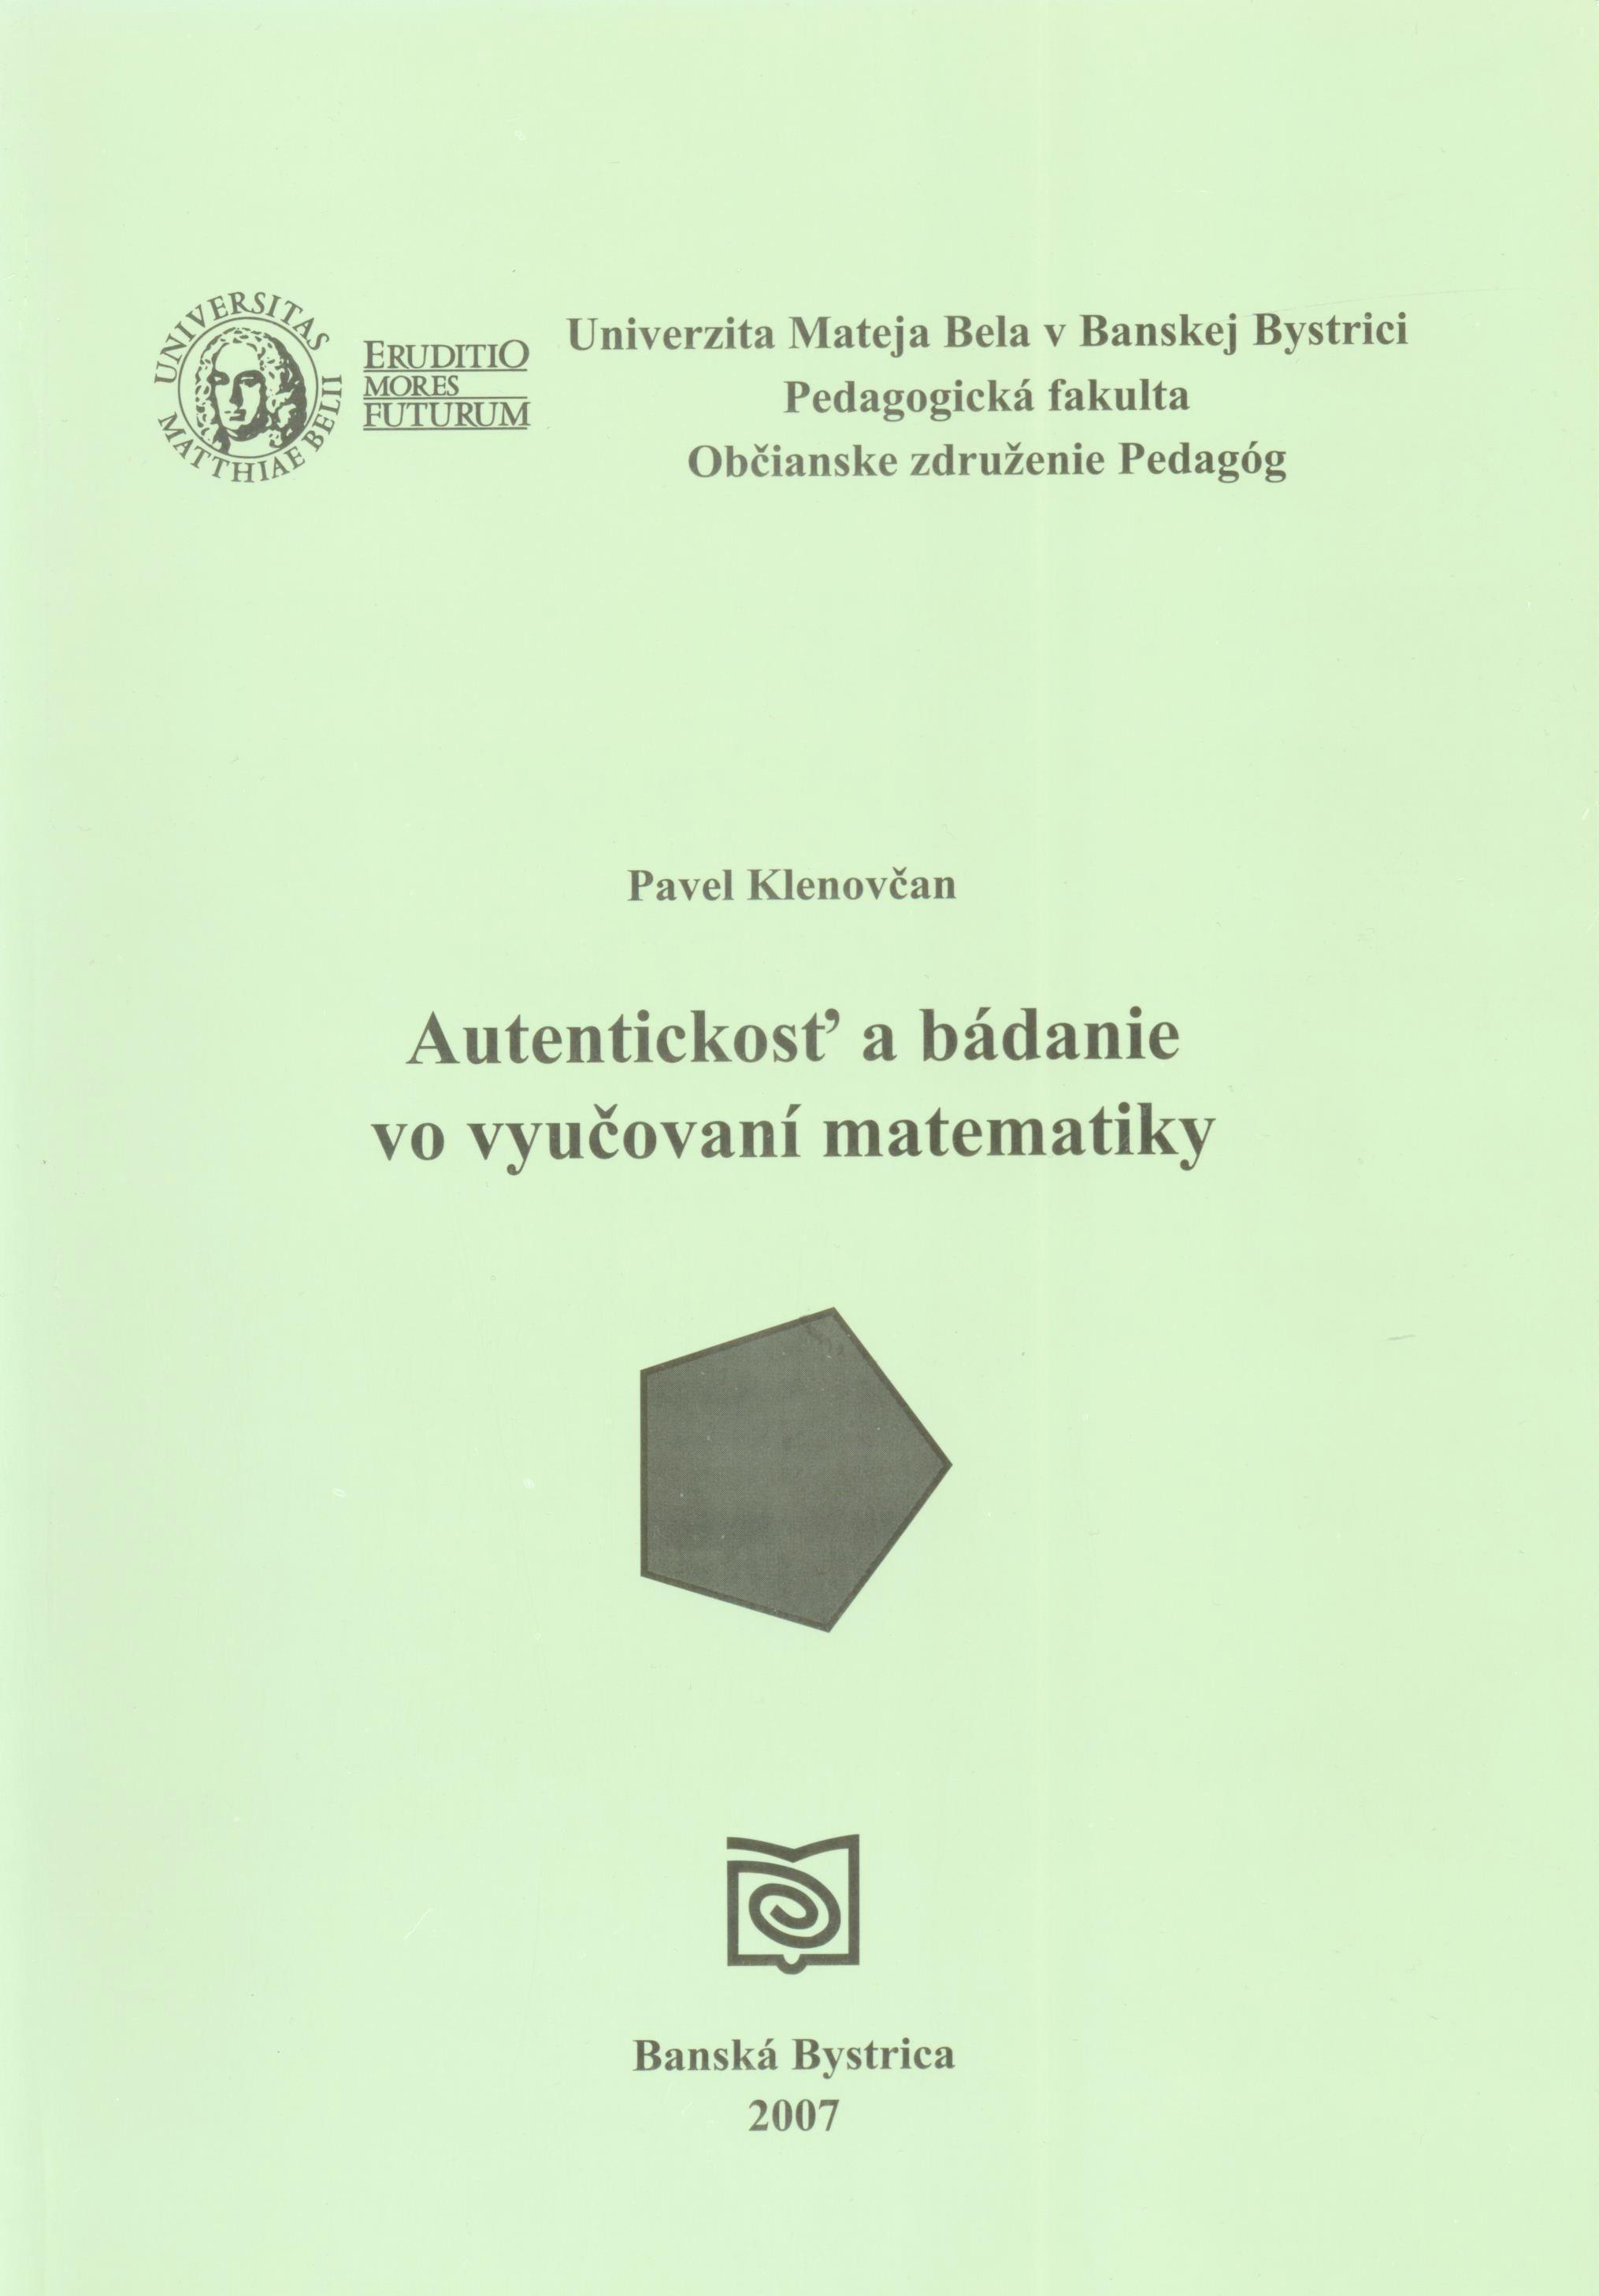 Autentickosť a bádanie vo vyučovaní matematiky